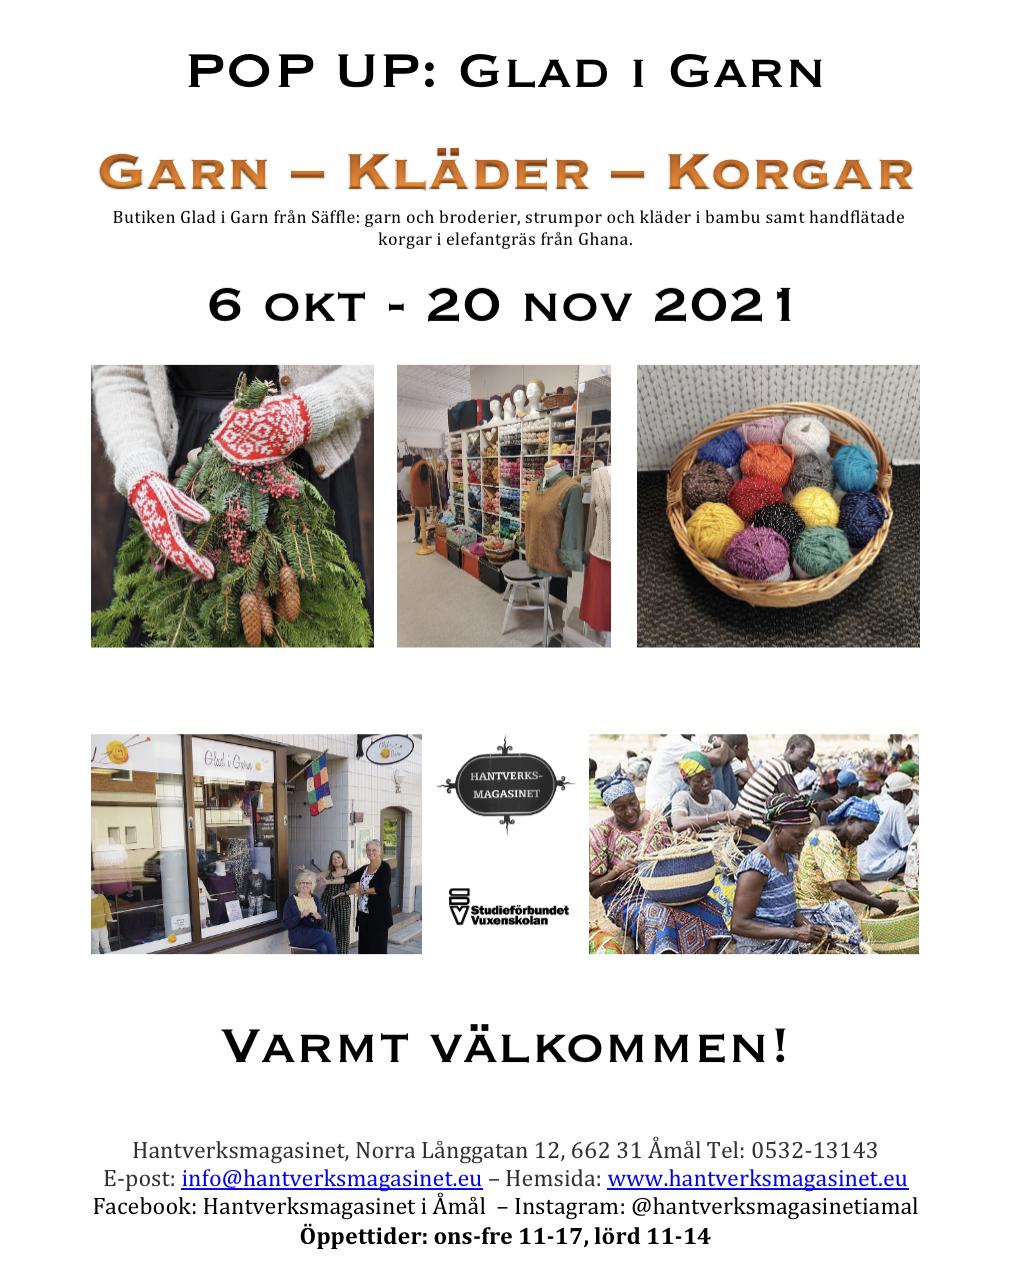 POP UP: Glad i Garn från Säffle. 6 oktober - 20 november. Garn, kläder korgar.